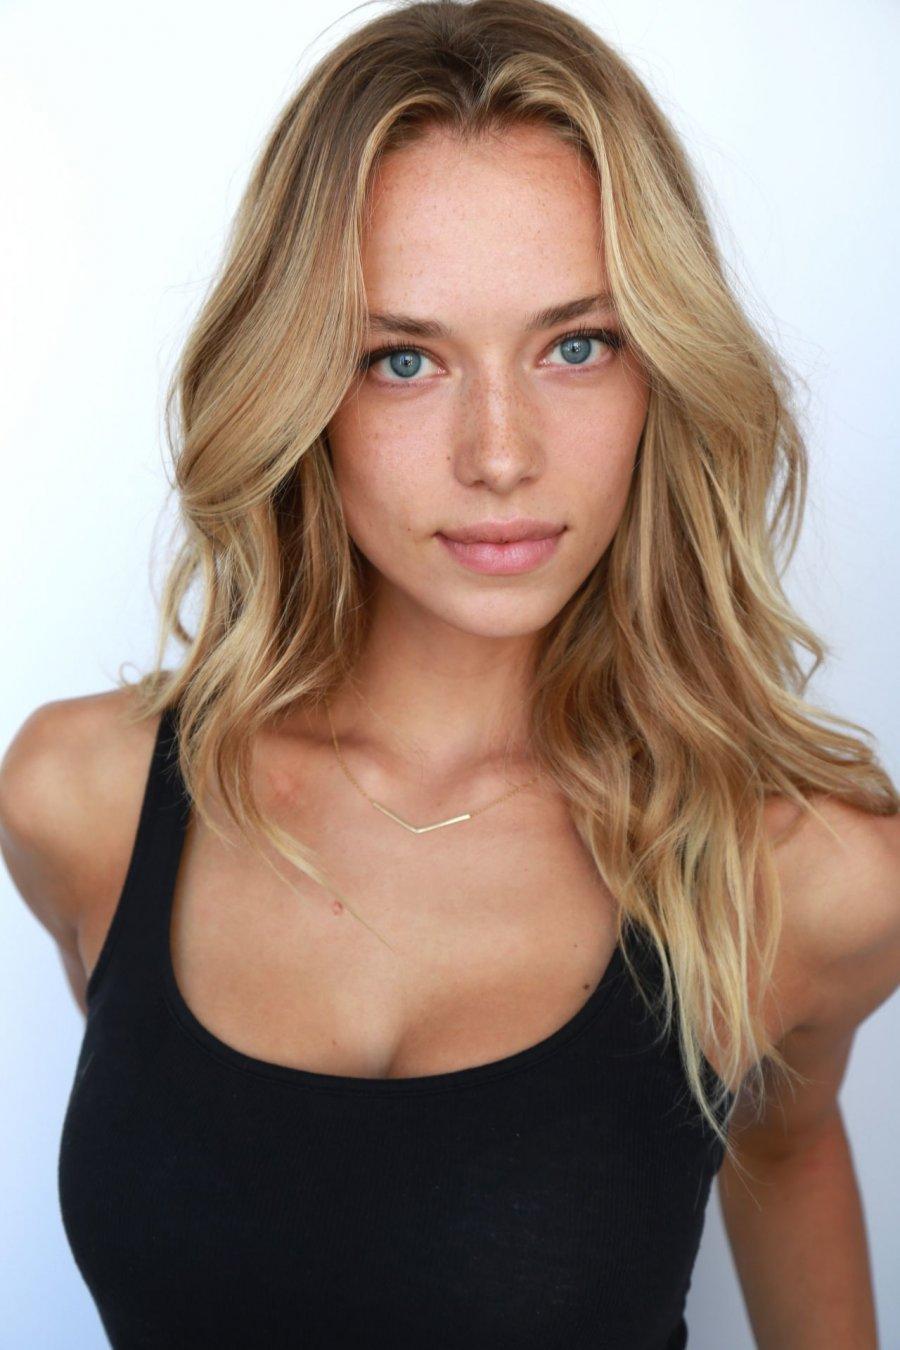 24 yaşındaki güzel model Hannah Ferguson fiziği ile büyülüyor.